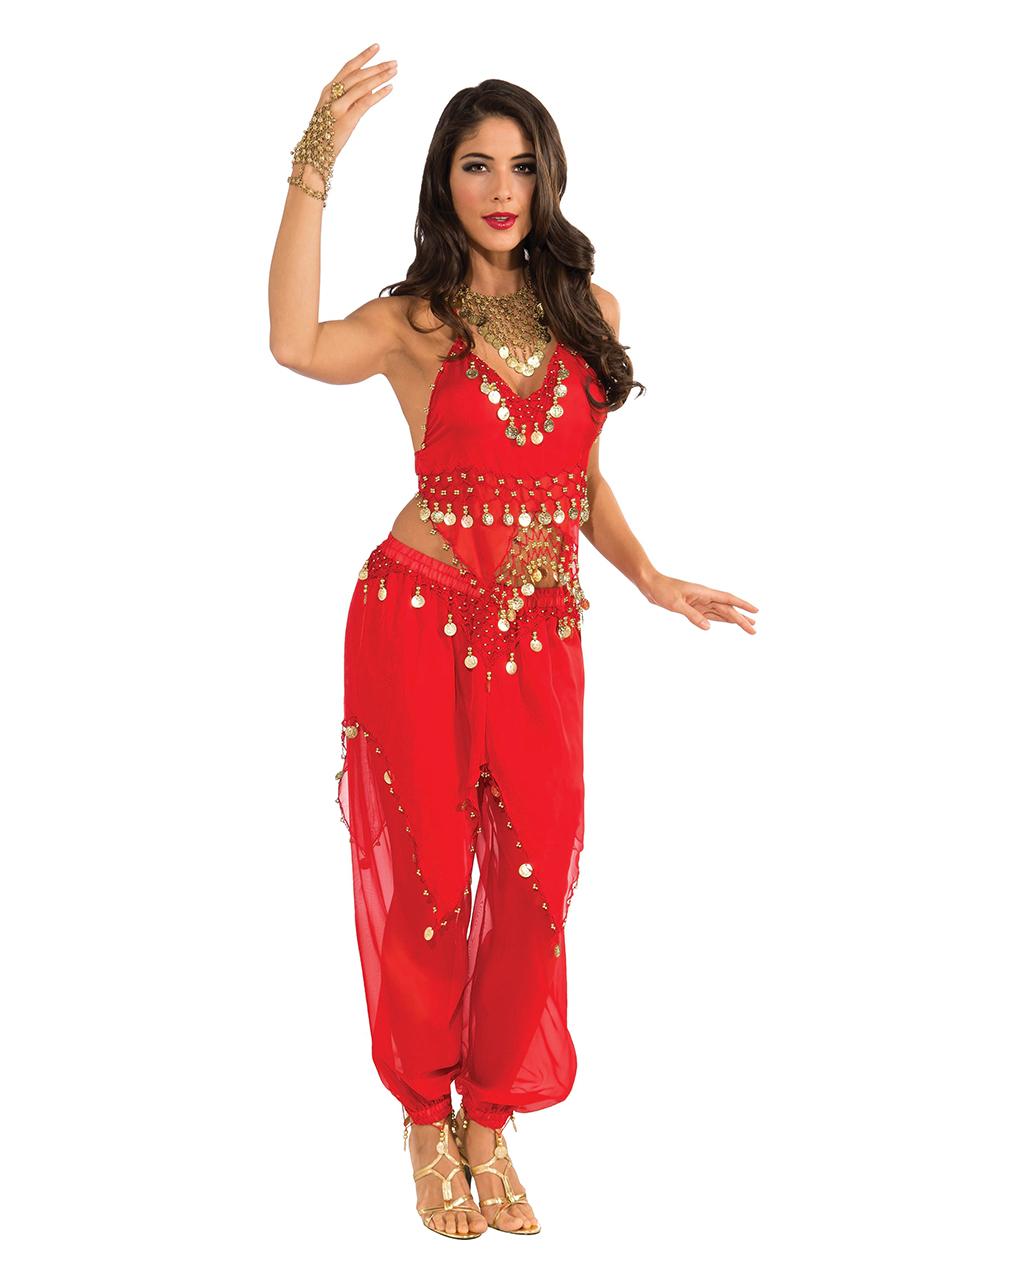 Orientalisches Bauchtanz Kostum In Rot Mit Munzen Horror Shop Com